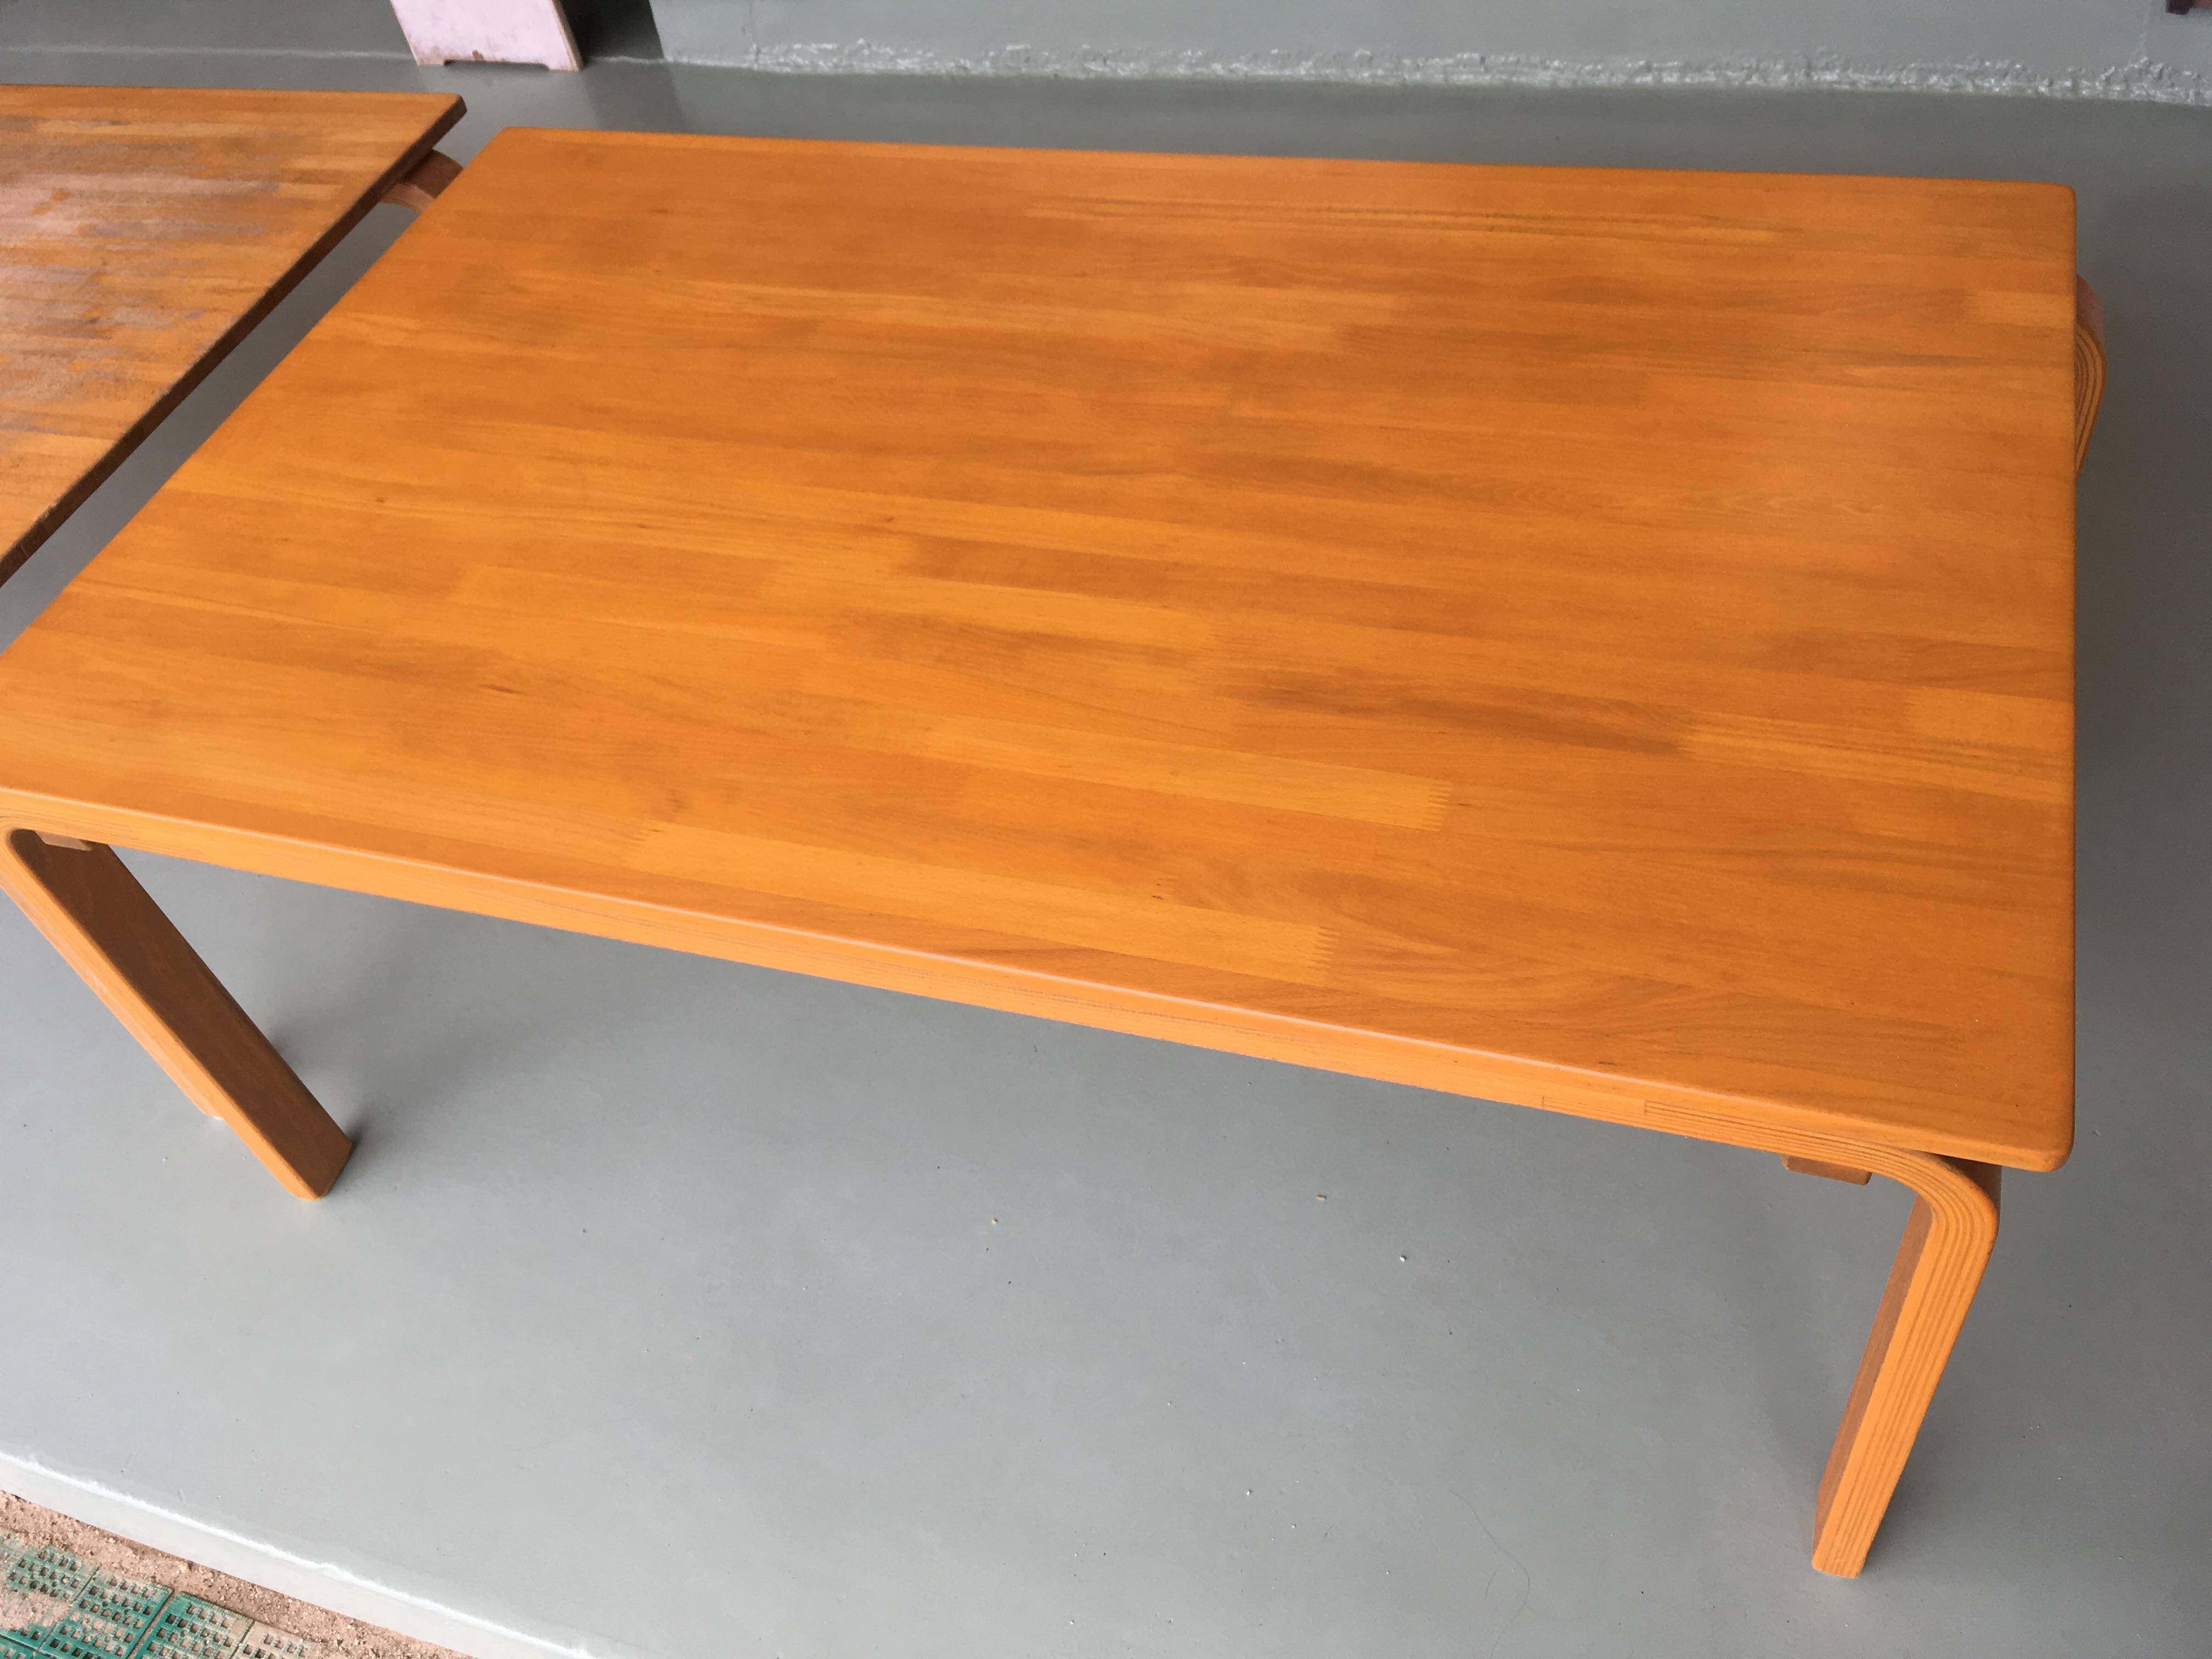 保育園のテーブルをリペアしました。